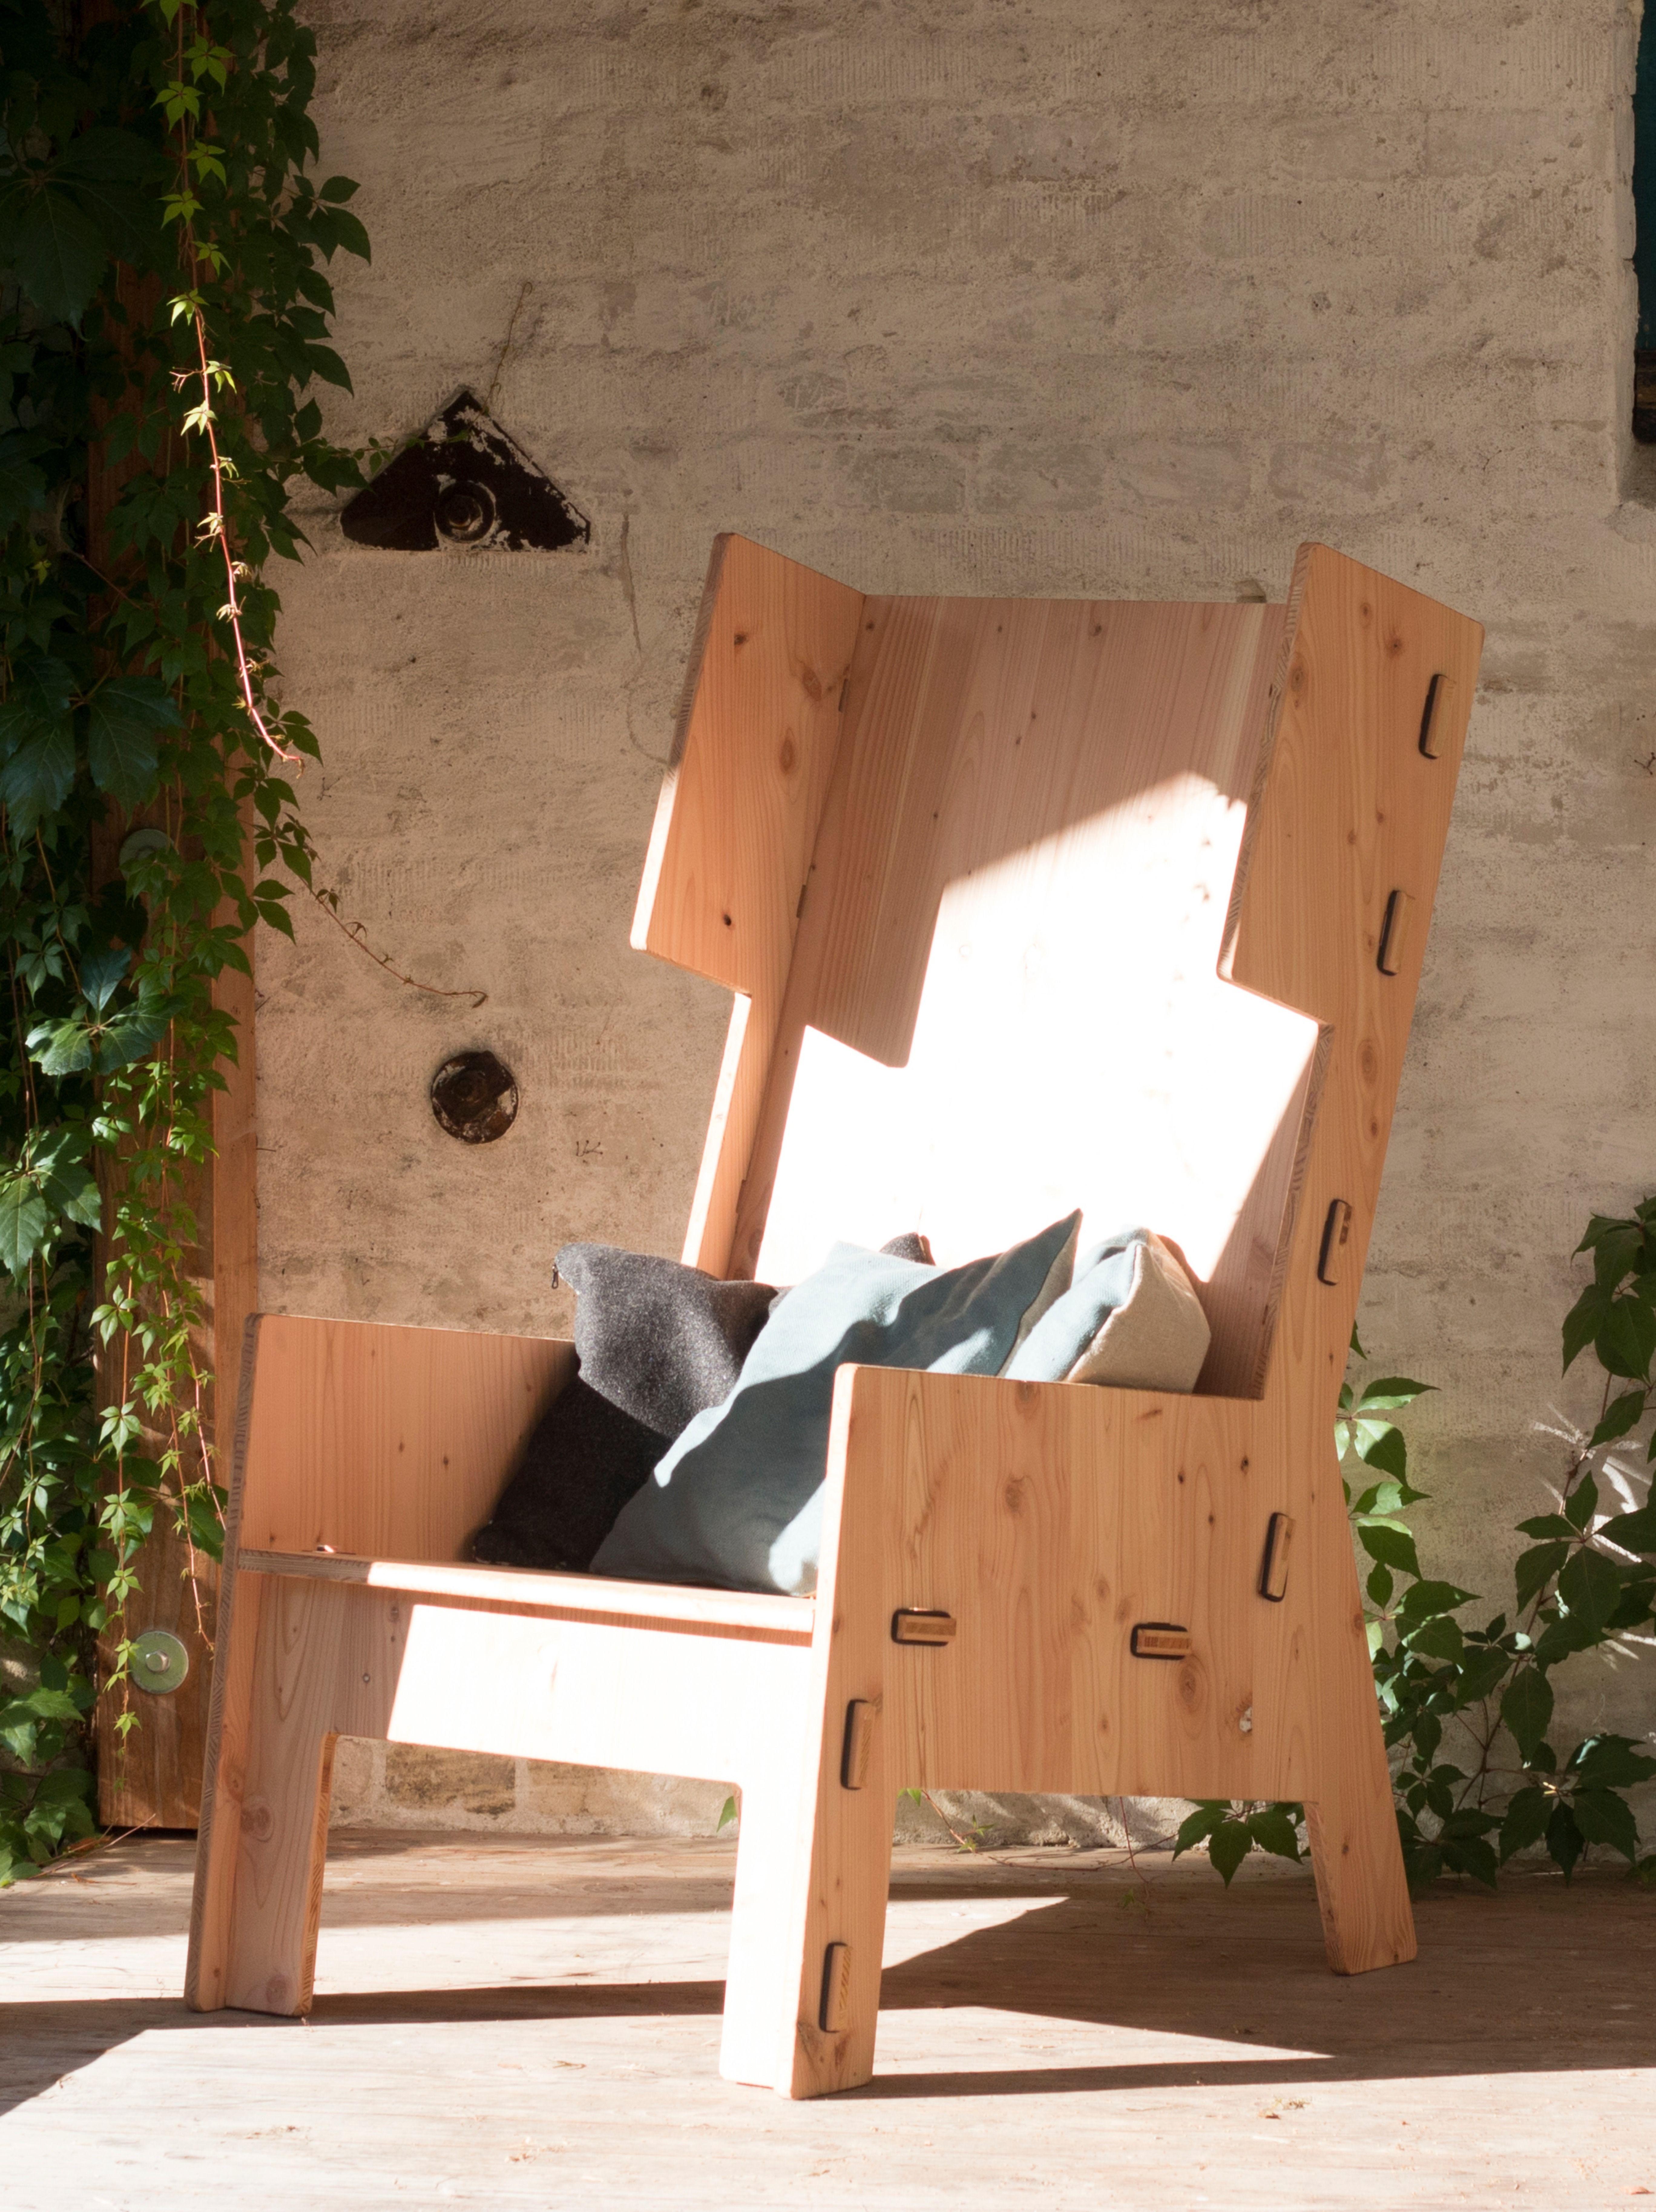 Gartenmobel Mit Stecksystem Werkhaus Gartenmobel Holz Gartenmobel Mobel